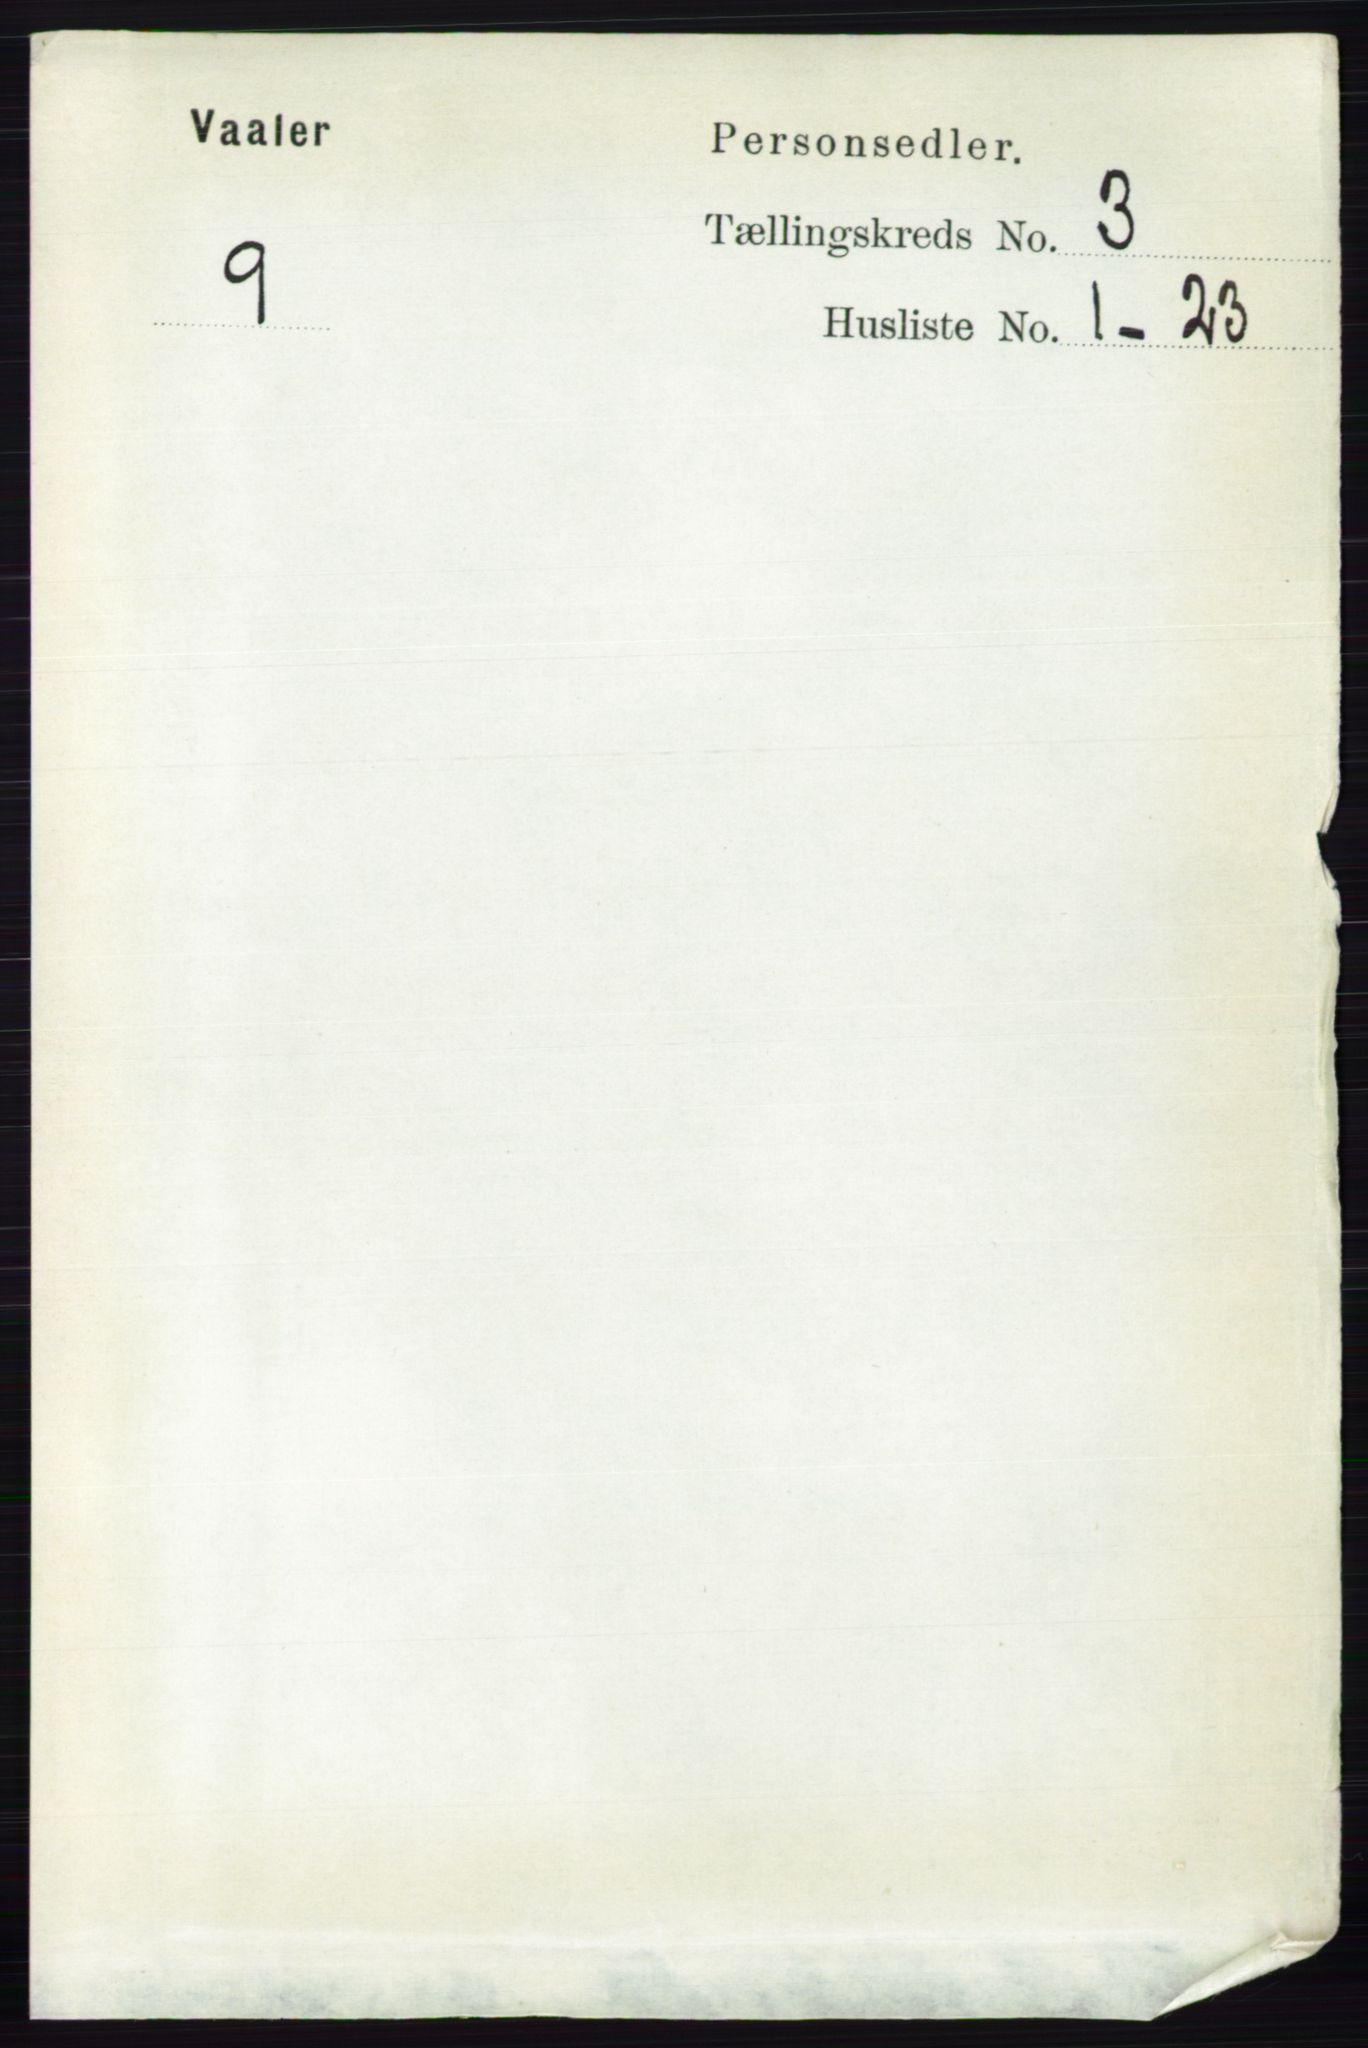 RA, Folketelling 1891 for 0137 Våler herred, 1891, s. 1110